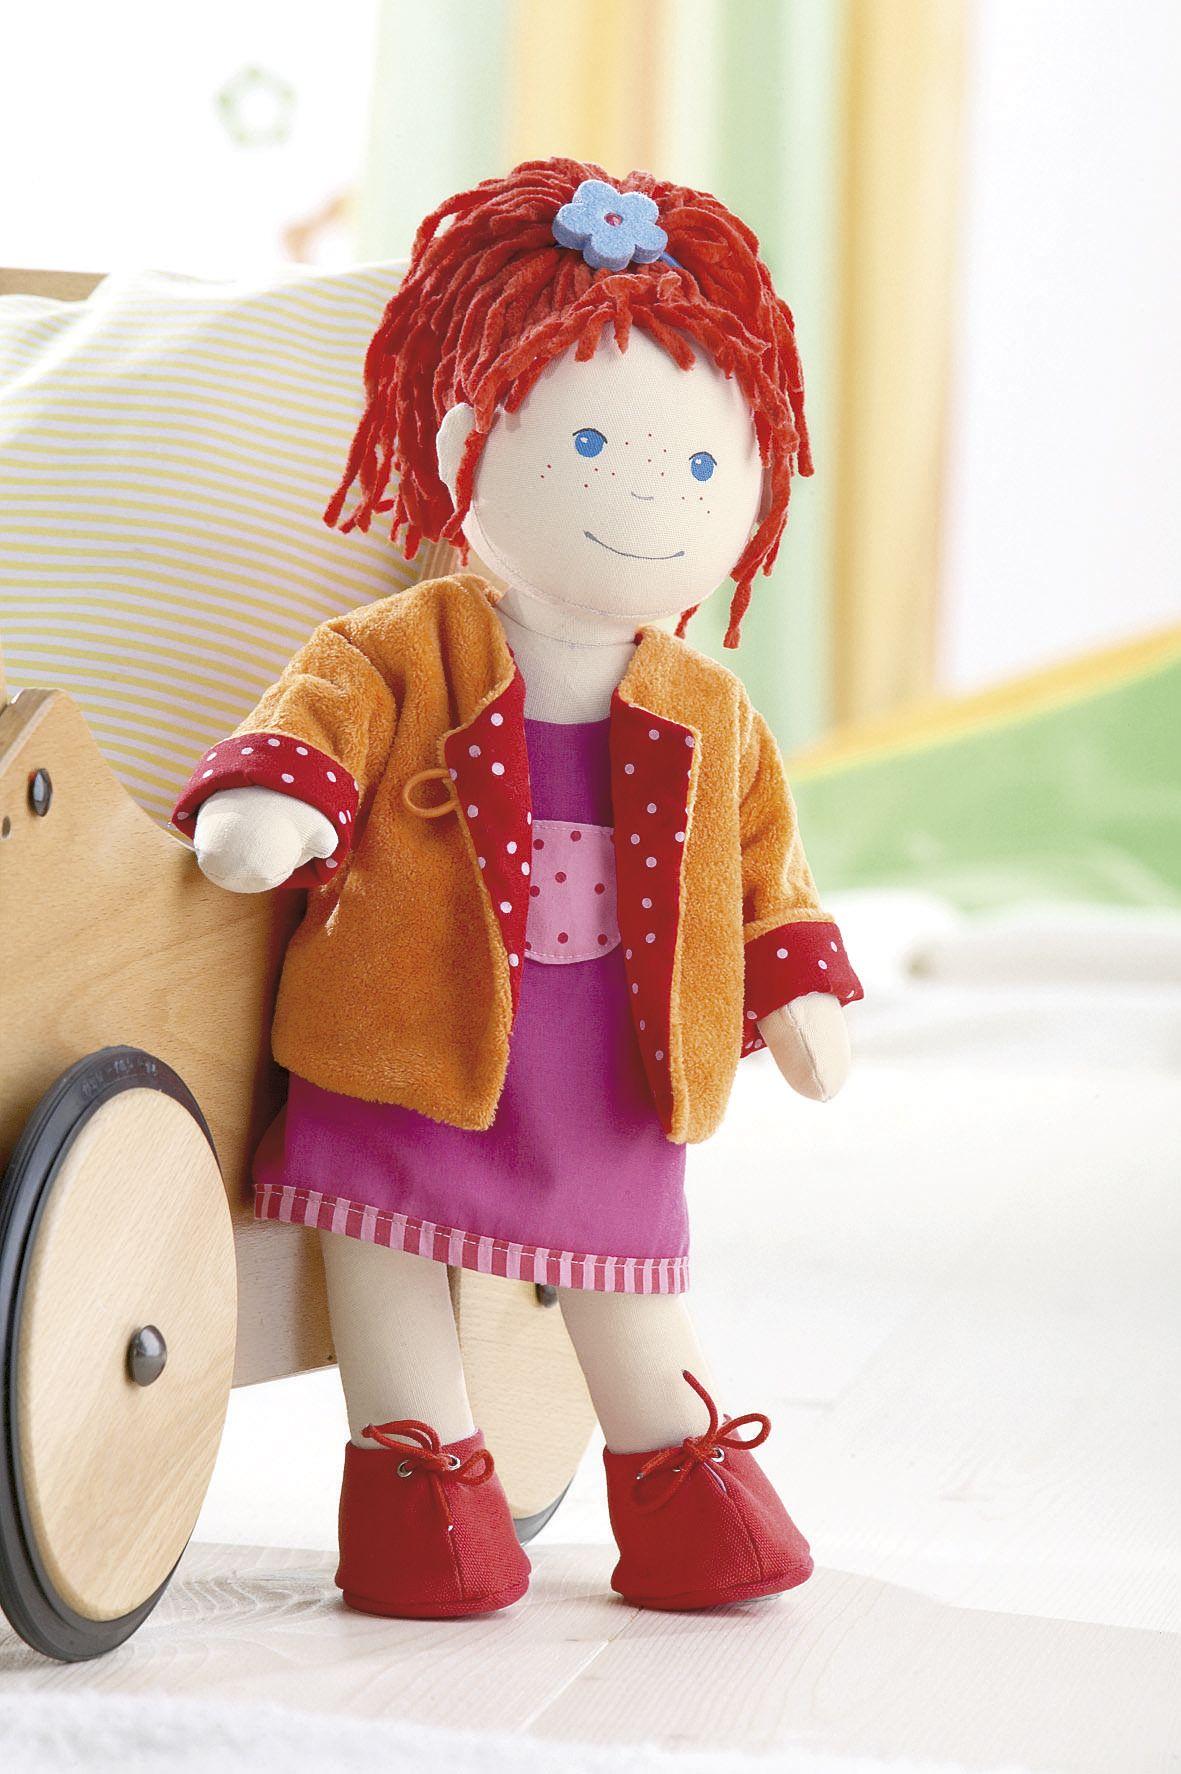 puppe lotta artikelnummer 1578 die haba puppenfamilie dolls und toys. Black Bedroom Furniture Sets. Home Design Ideas